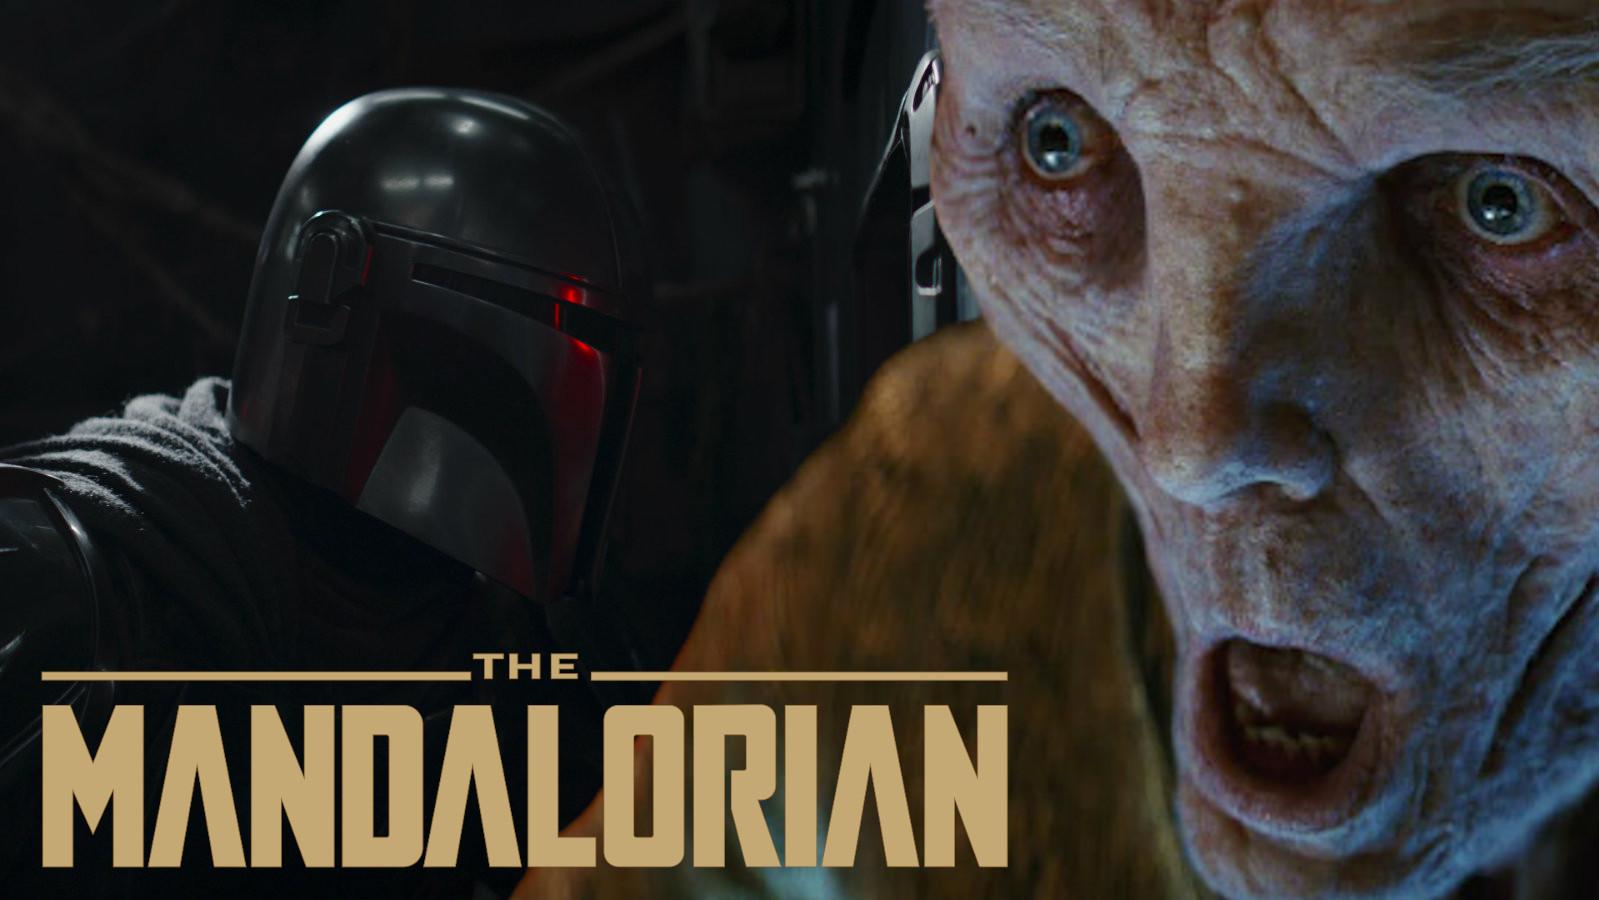 Mandalorian and Supreme Leader Snoke